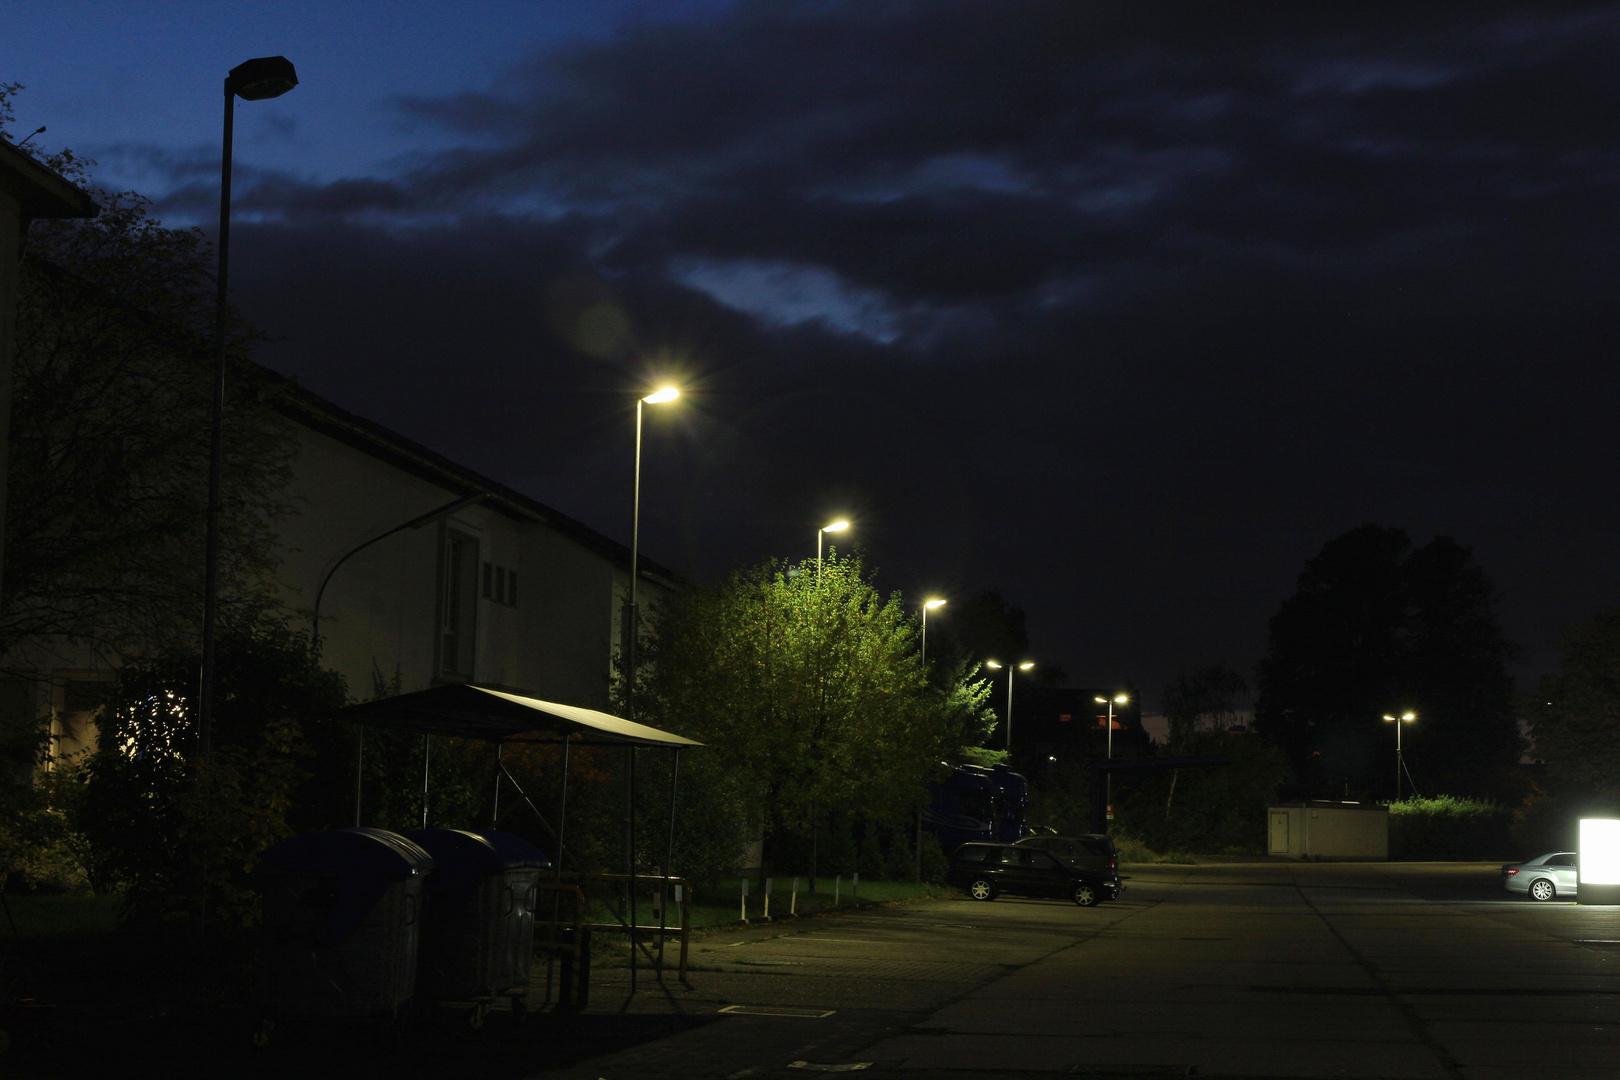 Industriegebiet, die Nacht kommt